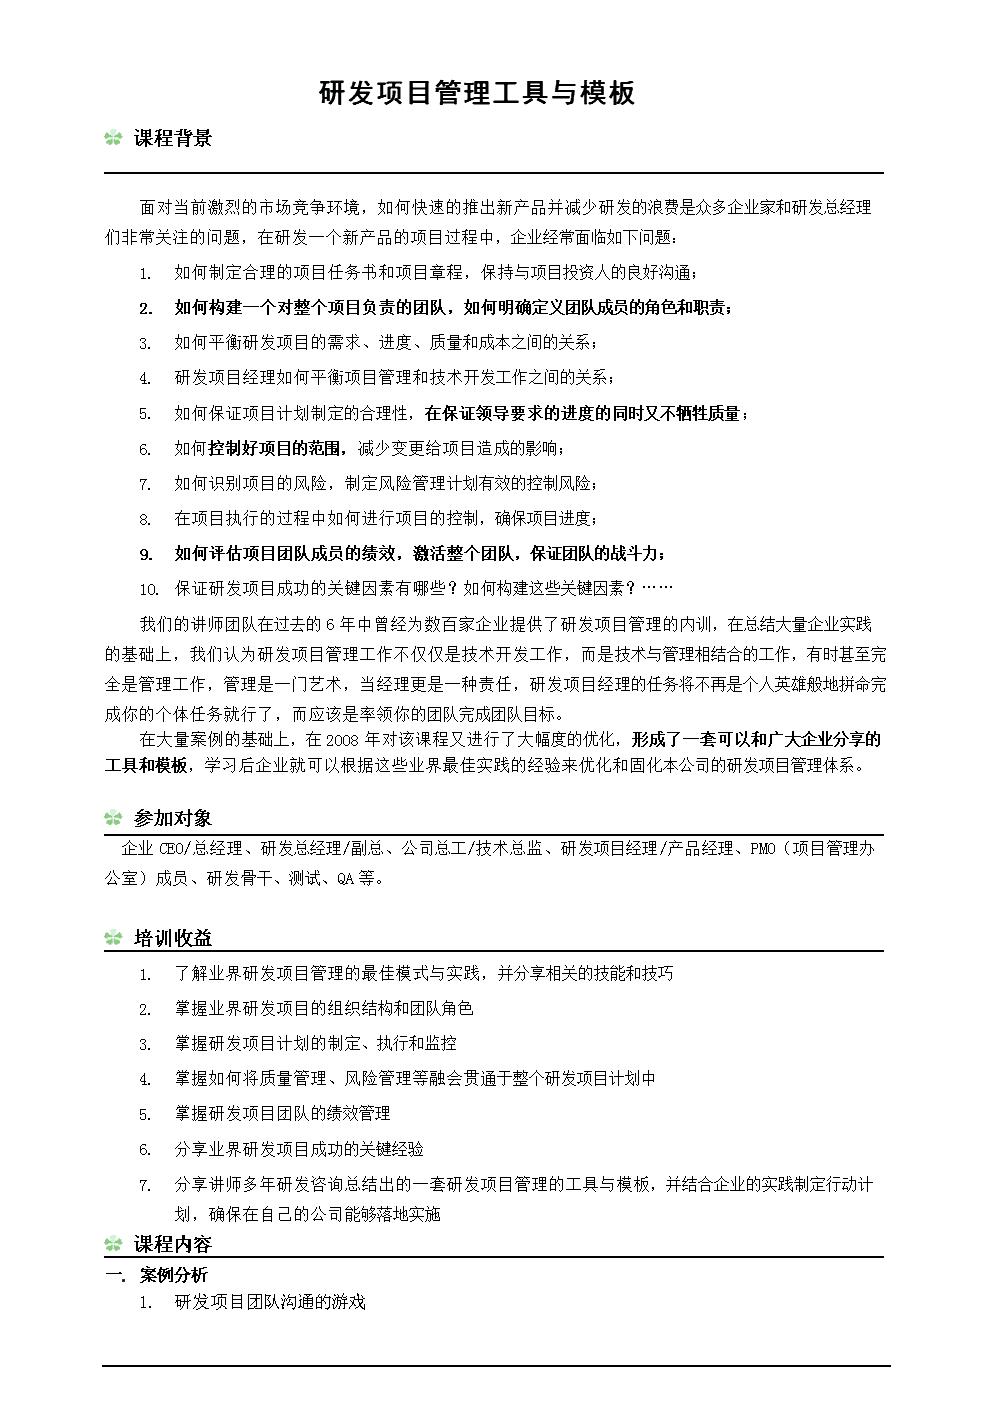 研发项目管理工具与模板1.doc